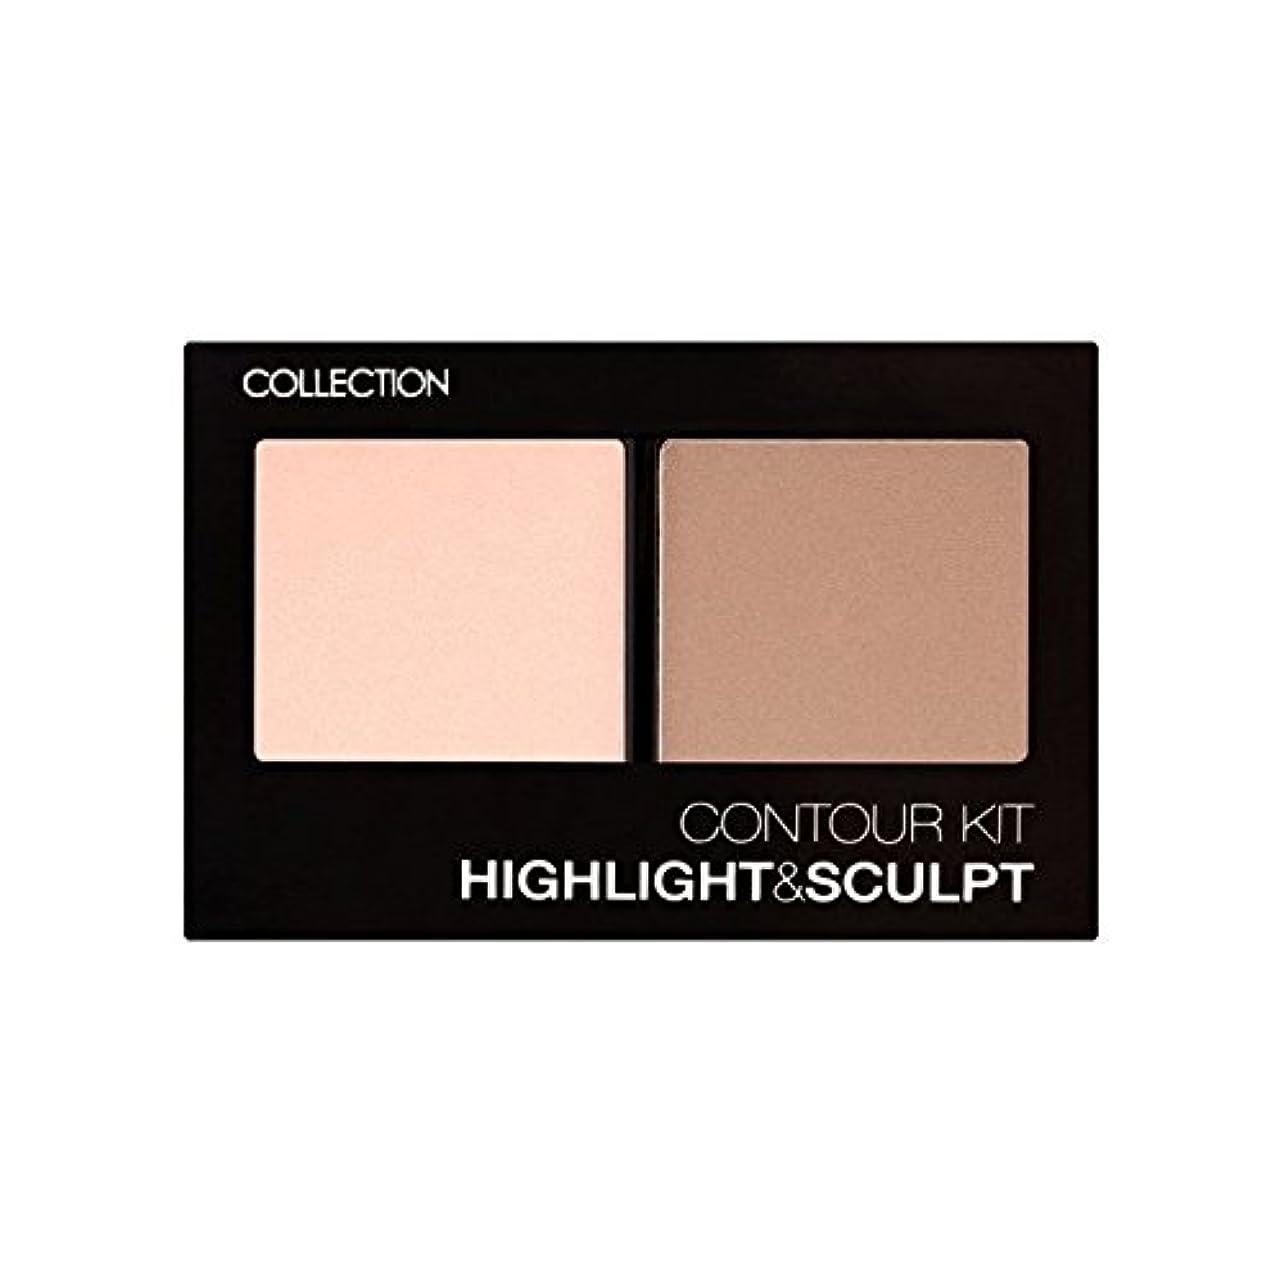 モールパスパネルCollection Contour Kit Contour Kit 1 (Pack of 6) - コレクション、輪郭キット輪郭キット1 x6 [並行輸入品]